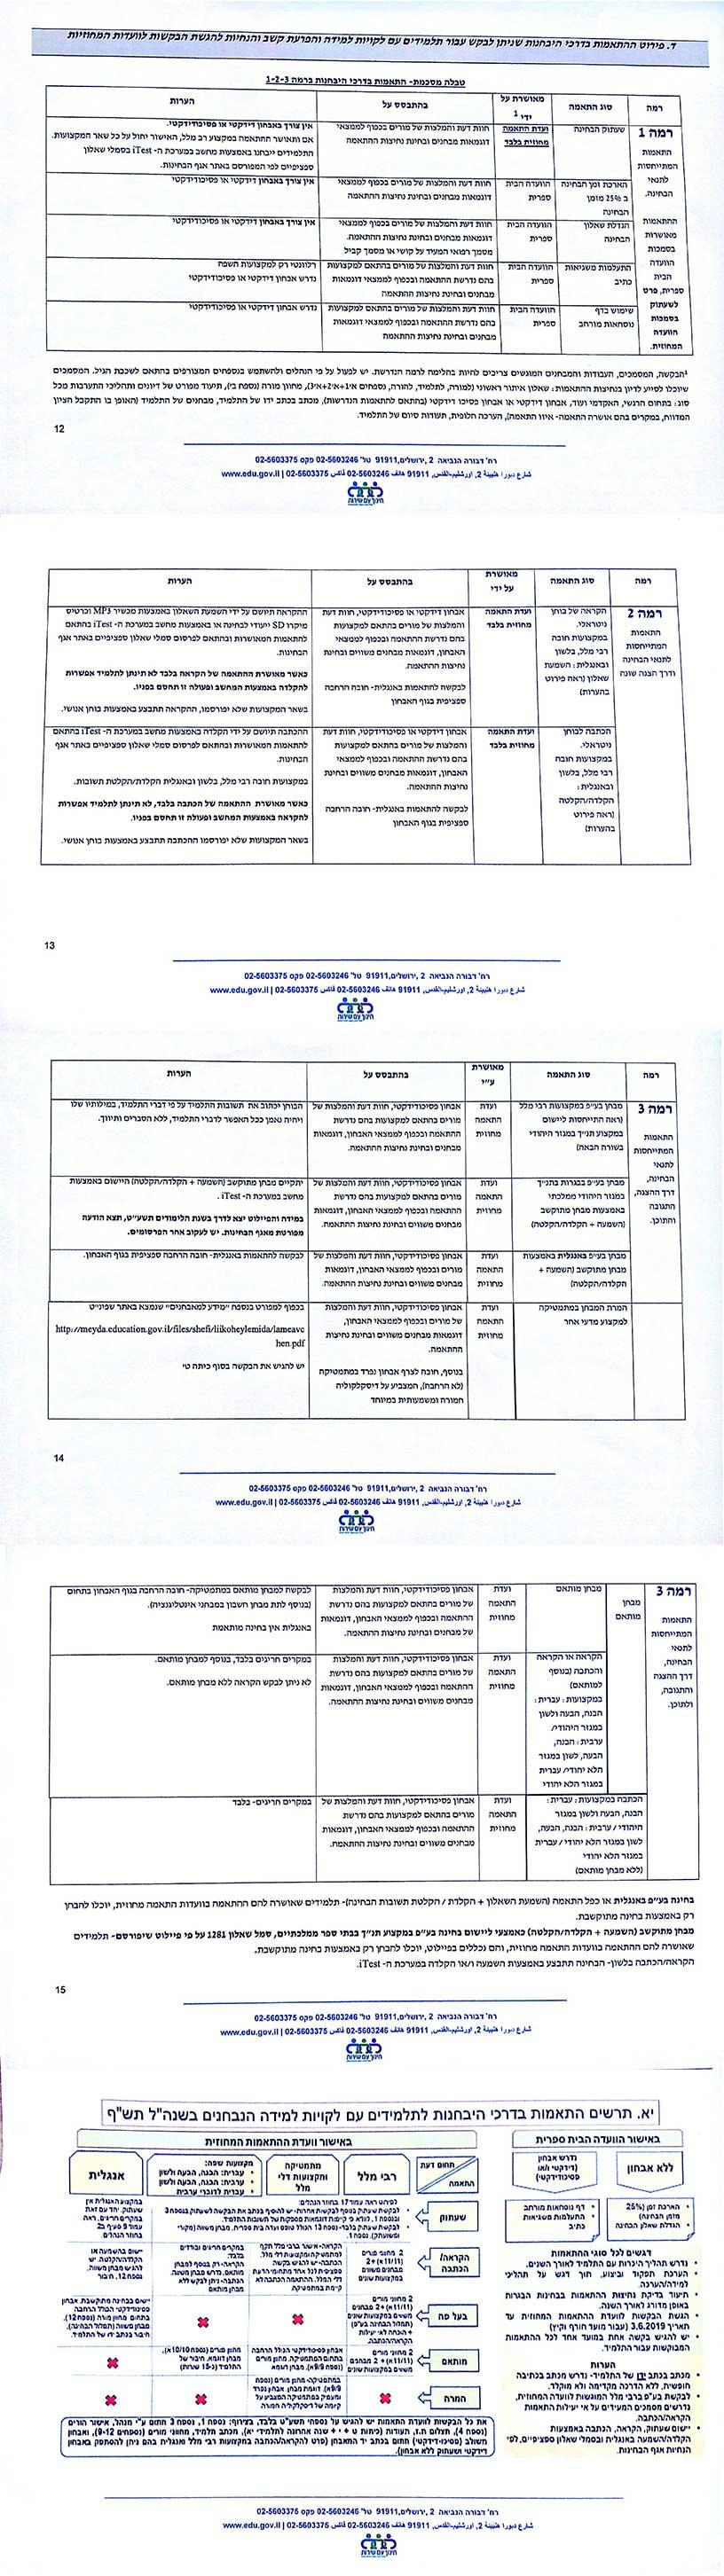 התאמות לבגרויות על פי משרד החינוך 2018